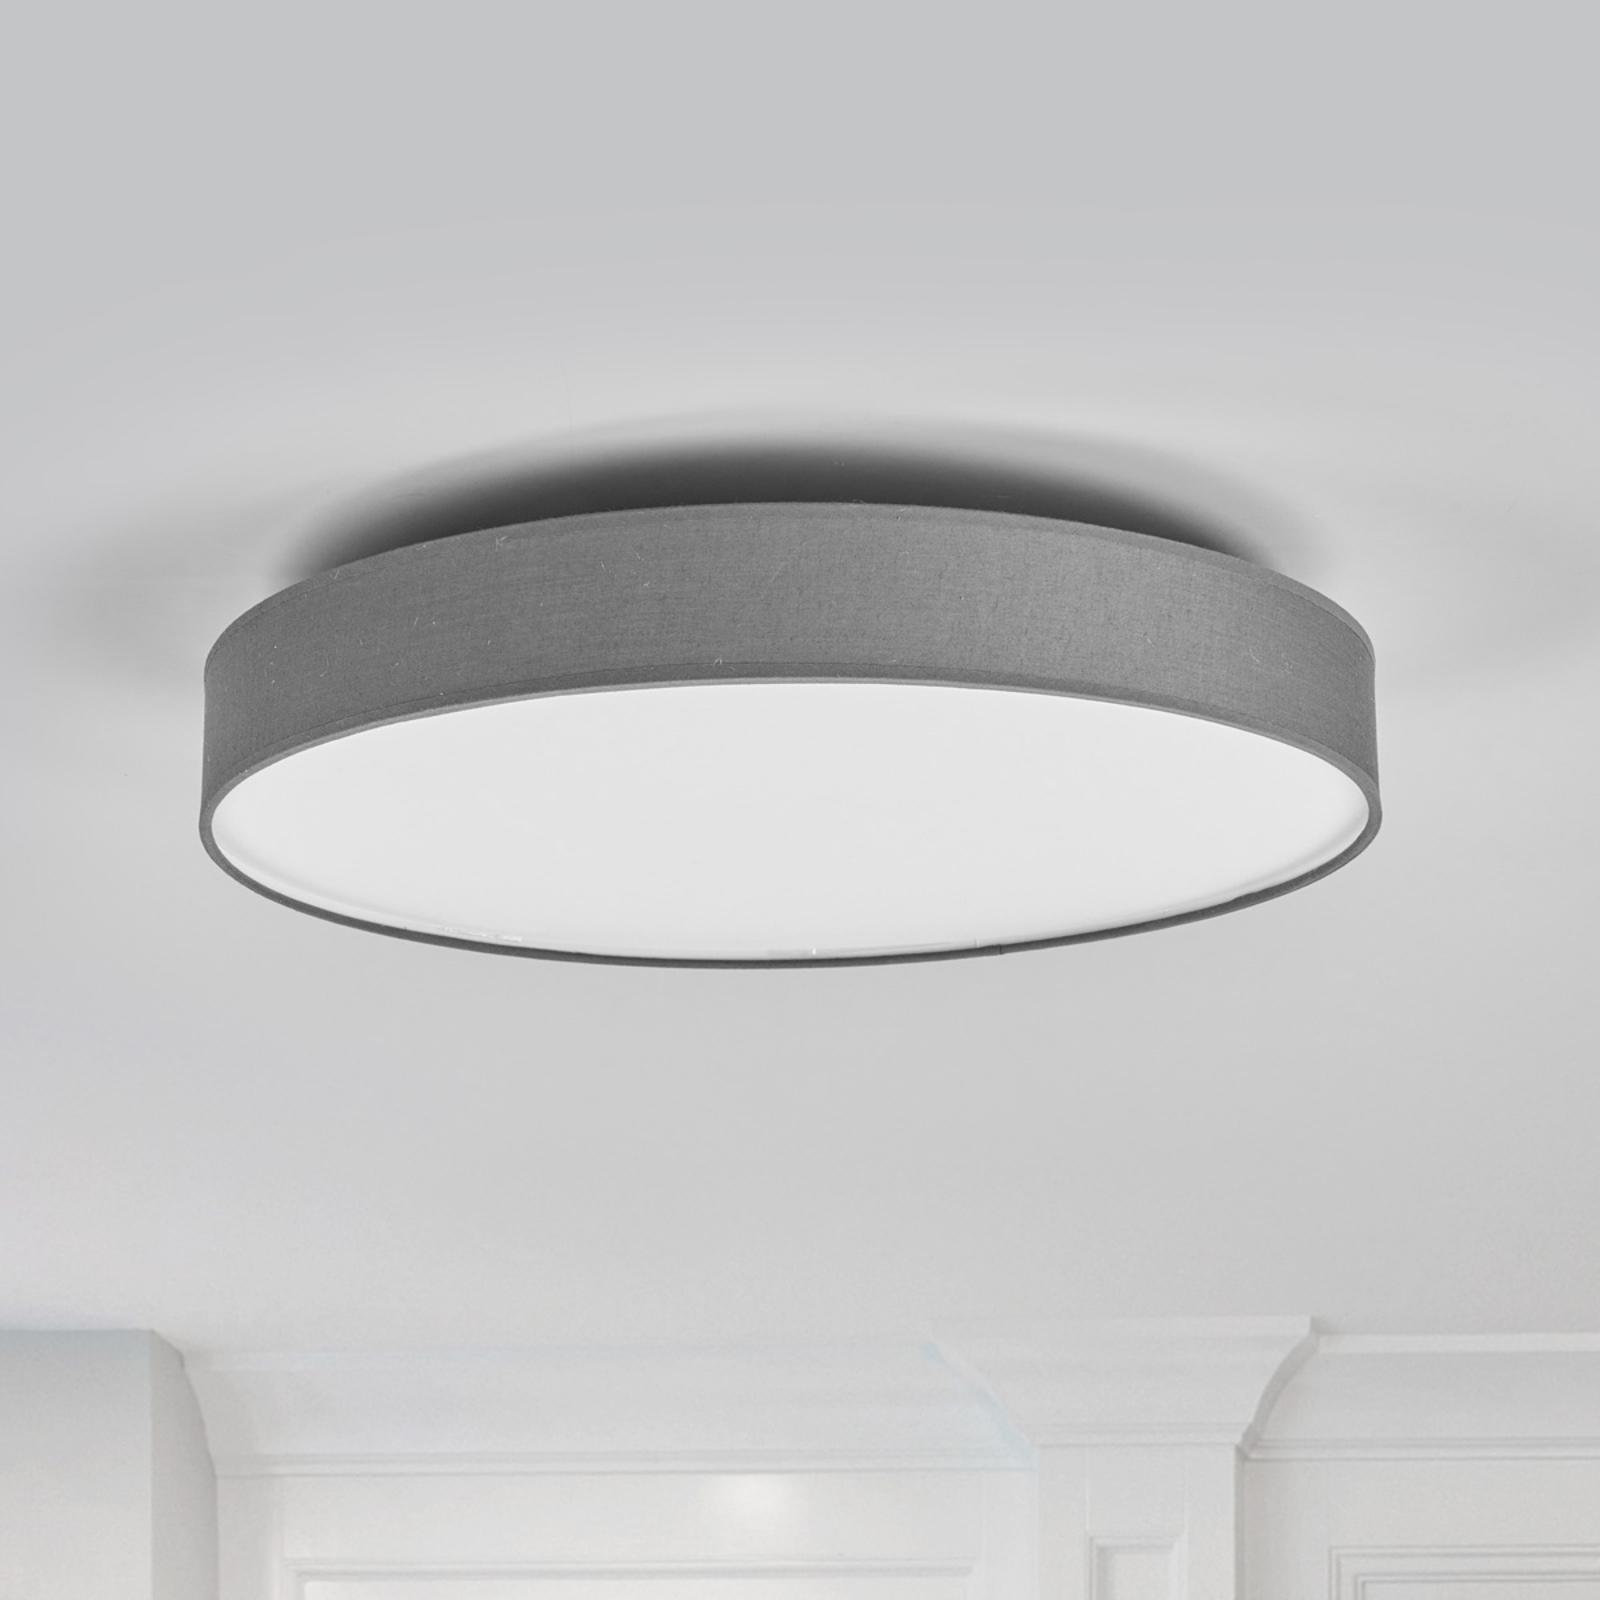 LED-kangaskattolamppu Saira, 50 cm, harmaa